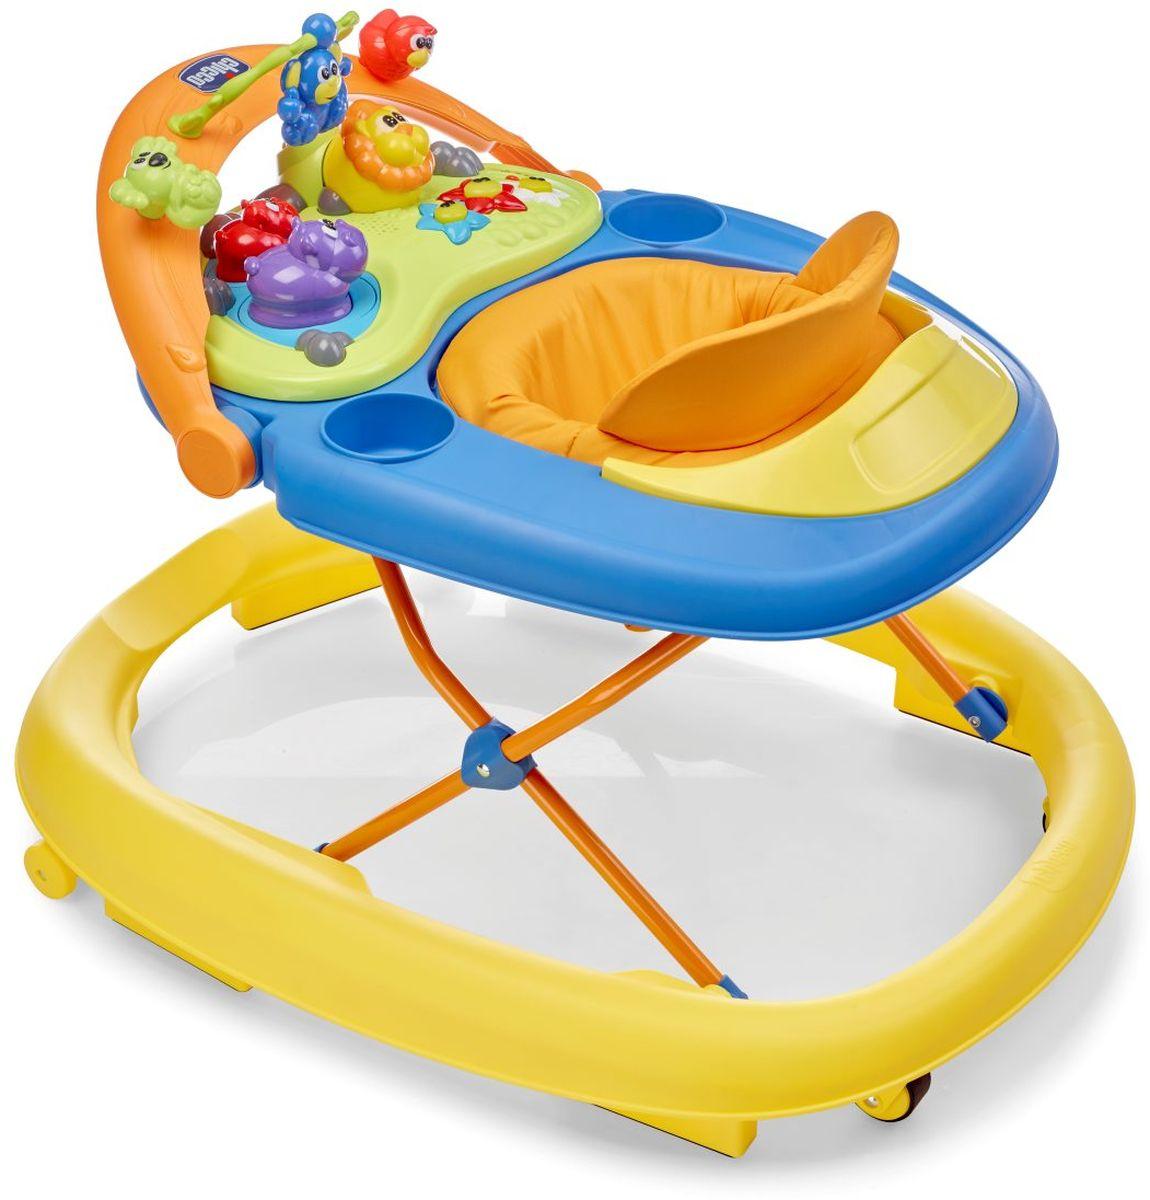 Высота ходунков Chicco может быть отрегулирована по мере роста ребенка. Ходунки оснащены панелью для игр, которая помогает развивать зрительные и слуховые навыки ребенка, а также координацию рук. Они оснащены двумя задними колесами, двумя передними поворотными колесами, а также шестью нескользящими тормозами, соответствующими применимым европейским нормам безопасности и предохраняющими от случайных падений с лестниц.